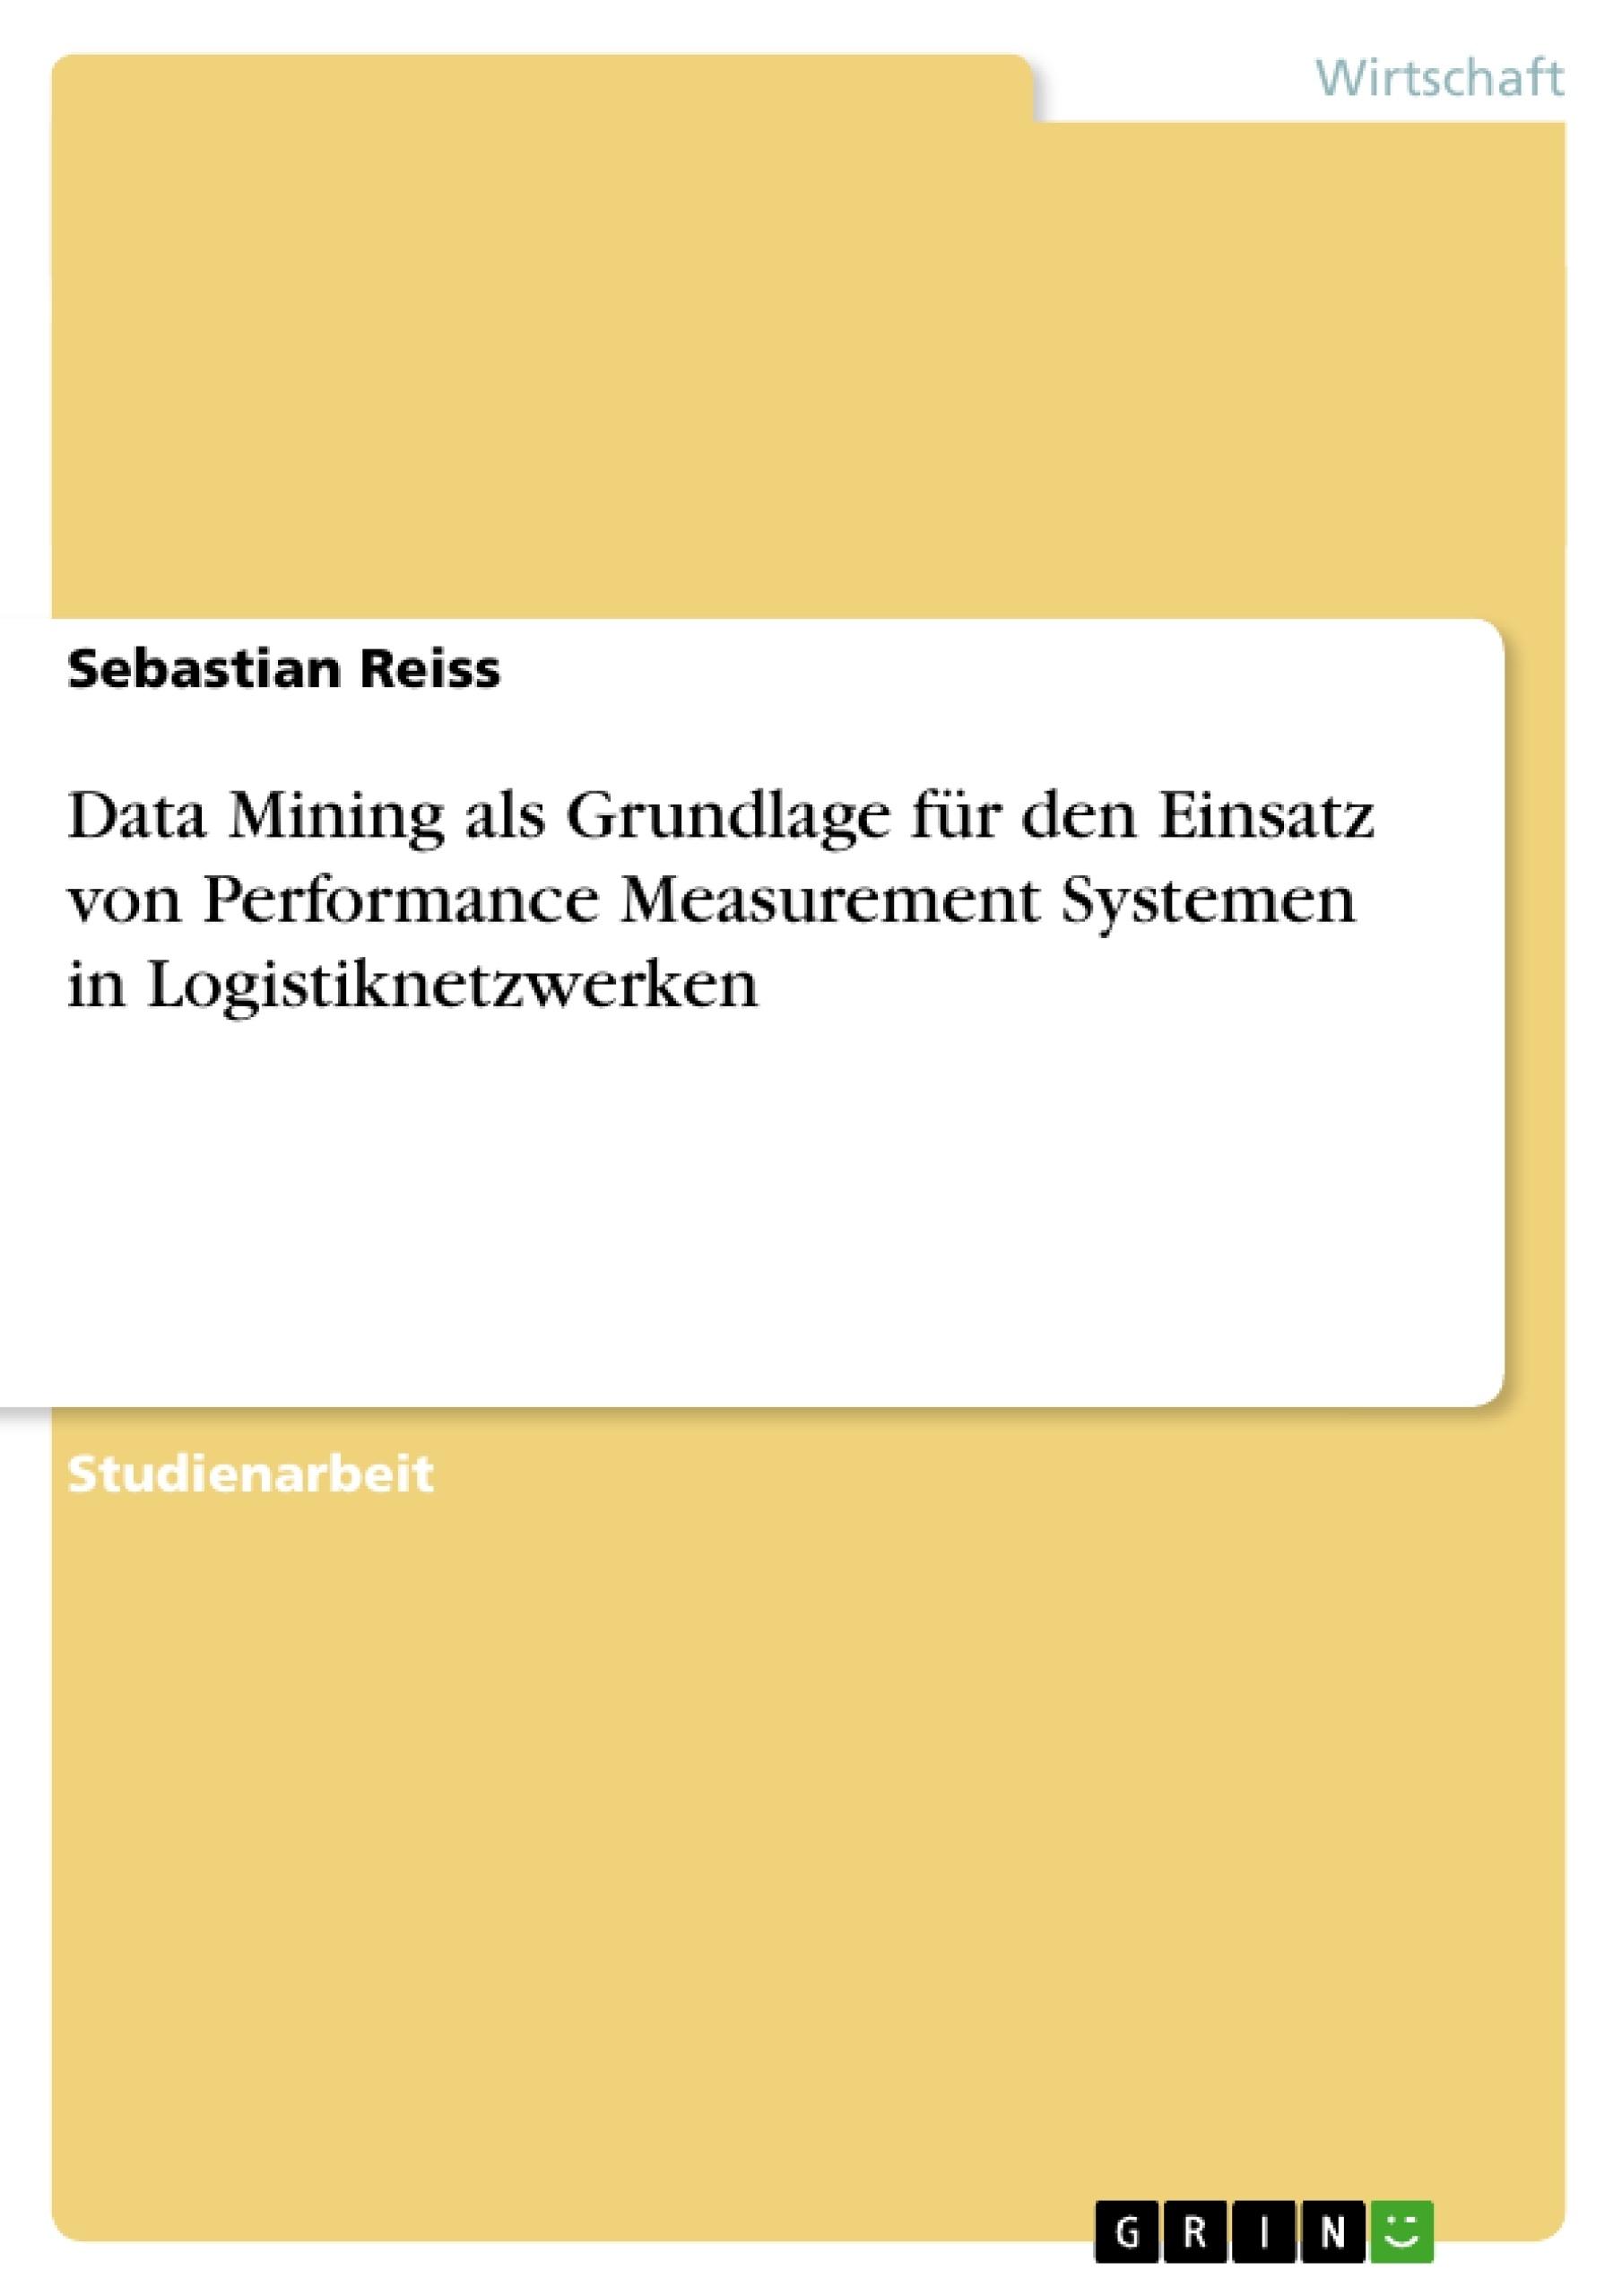 Titel: Data Mining als Grundlage für den Einsatz von Performance Measurement Systemen in Logistiknetzwerken